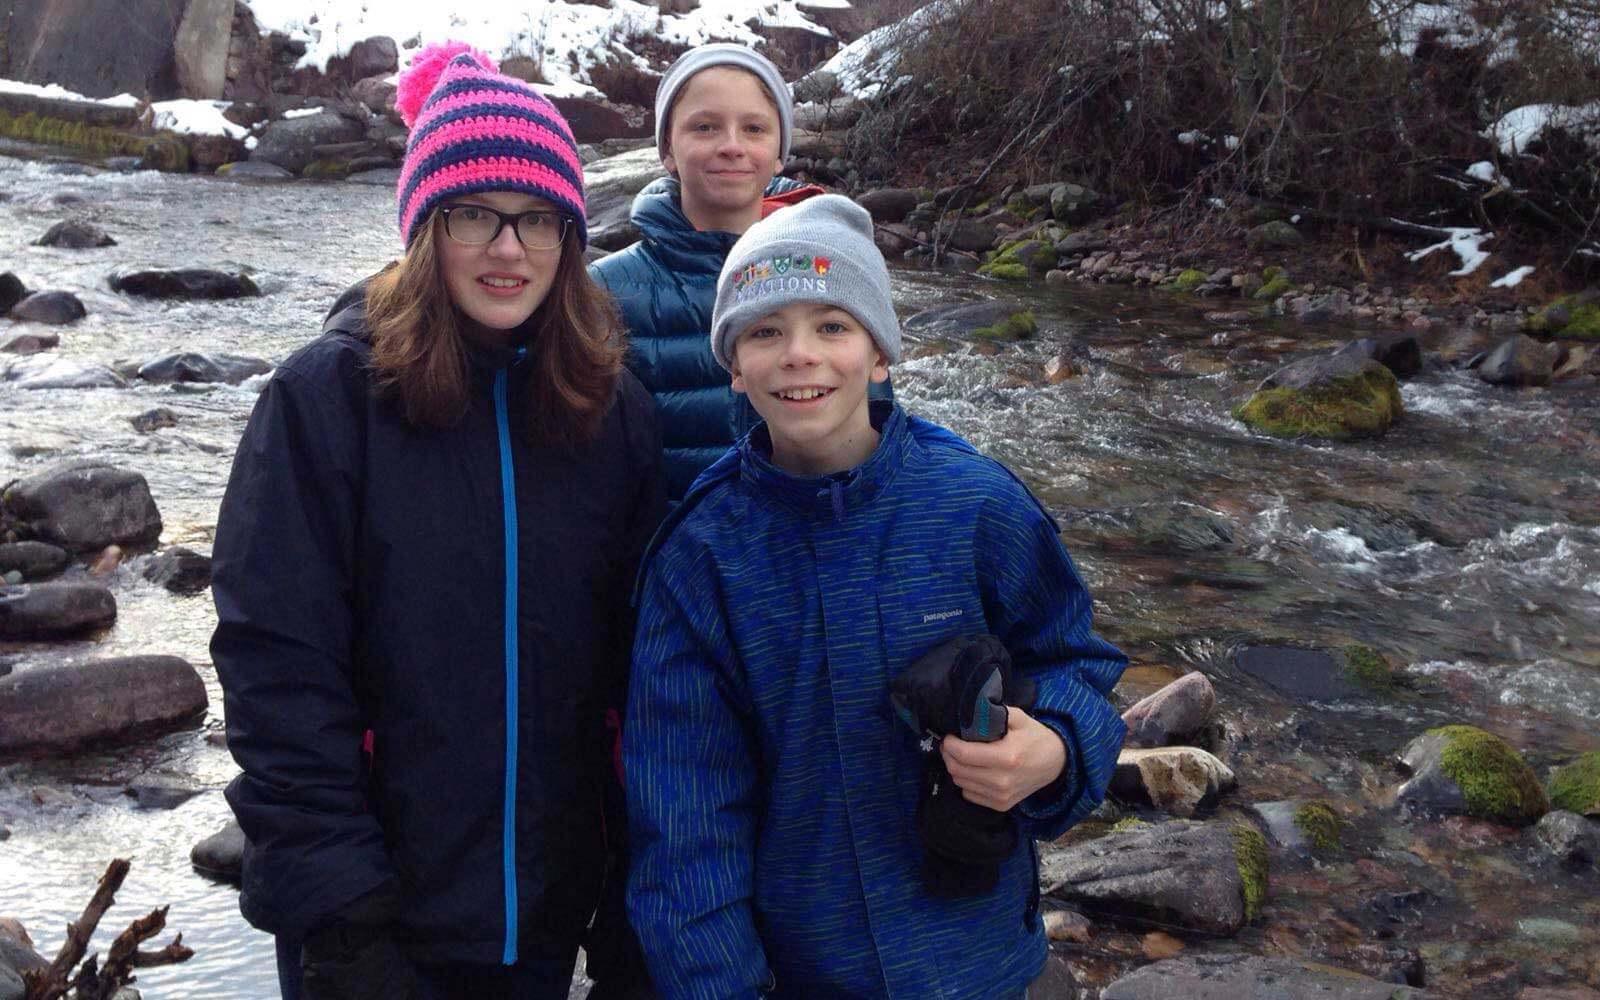 Austauschschülerin Mette mit ihren Gastbrüdern in Montana, USA